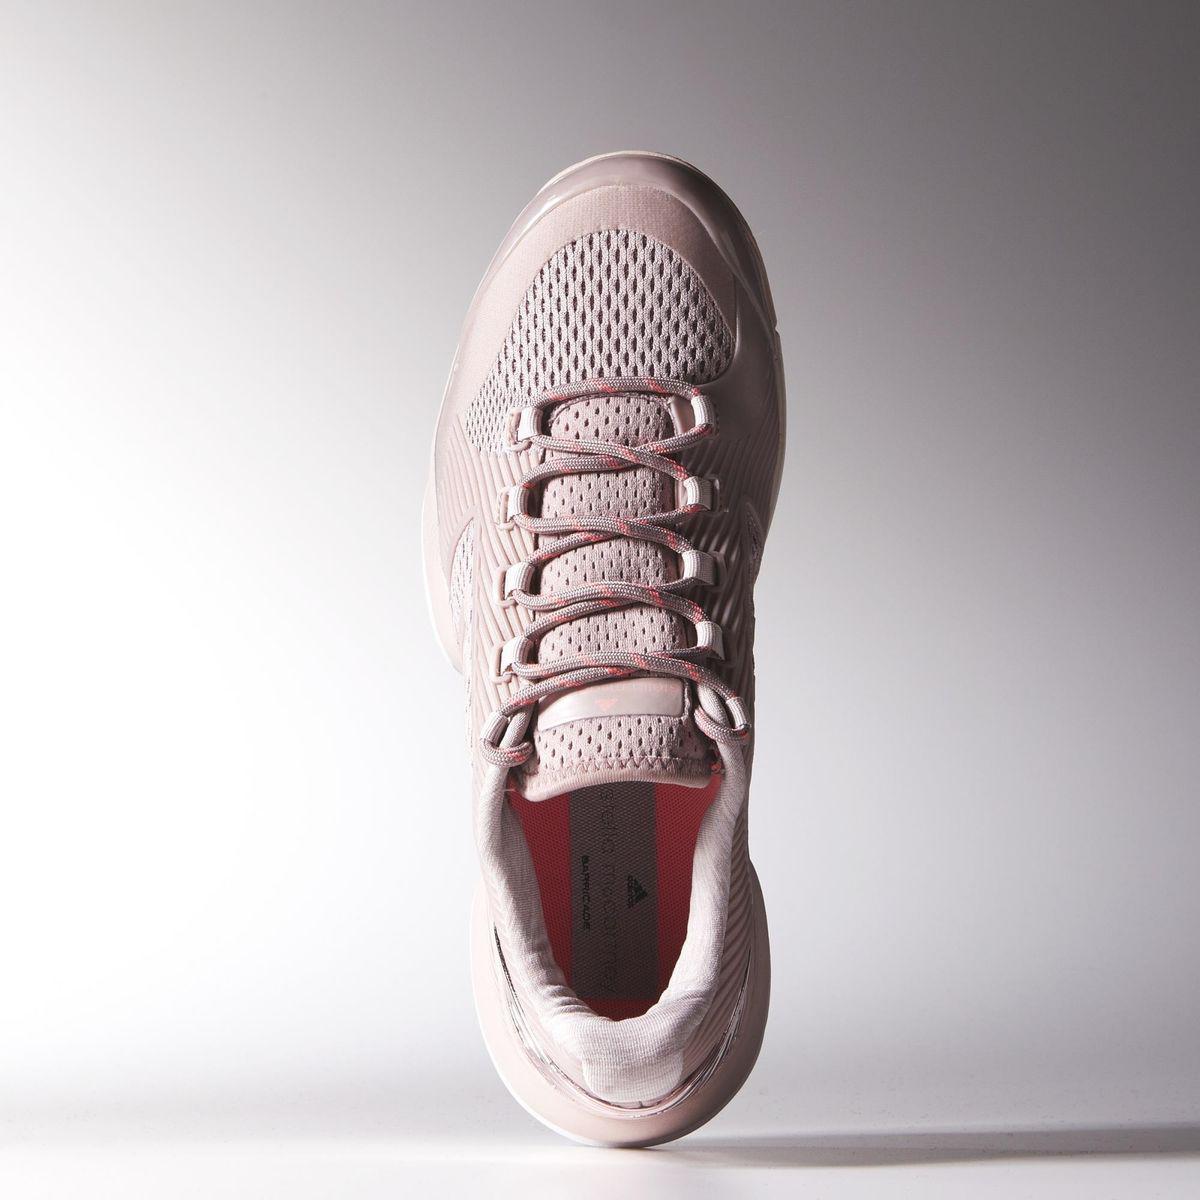 Adidas Stella Mccartney Zapato De Las Señoras De La Barricada De Tenis g51Tav